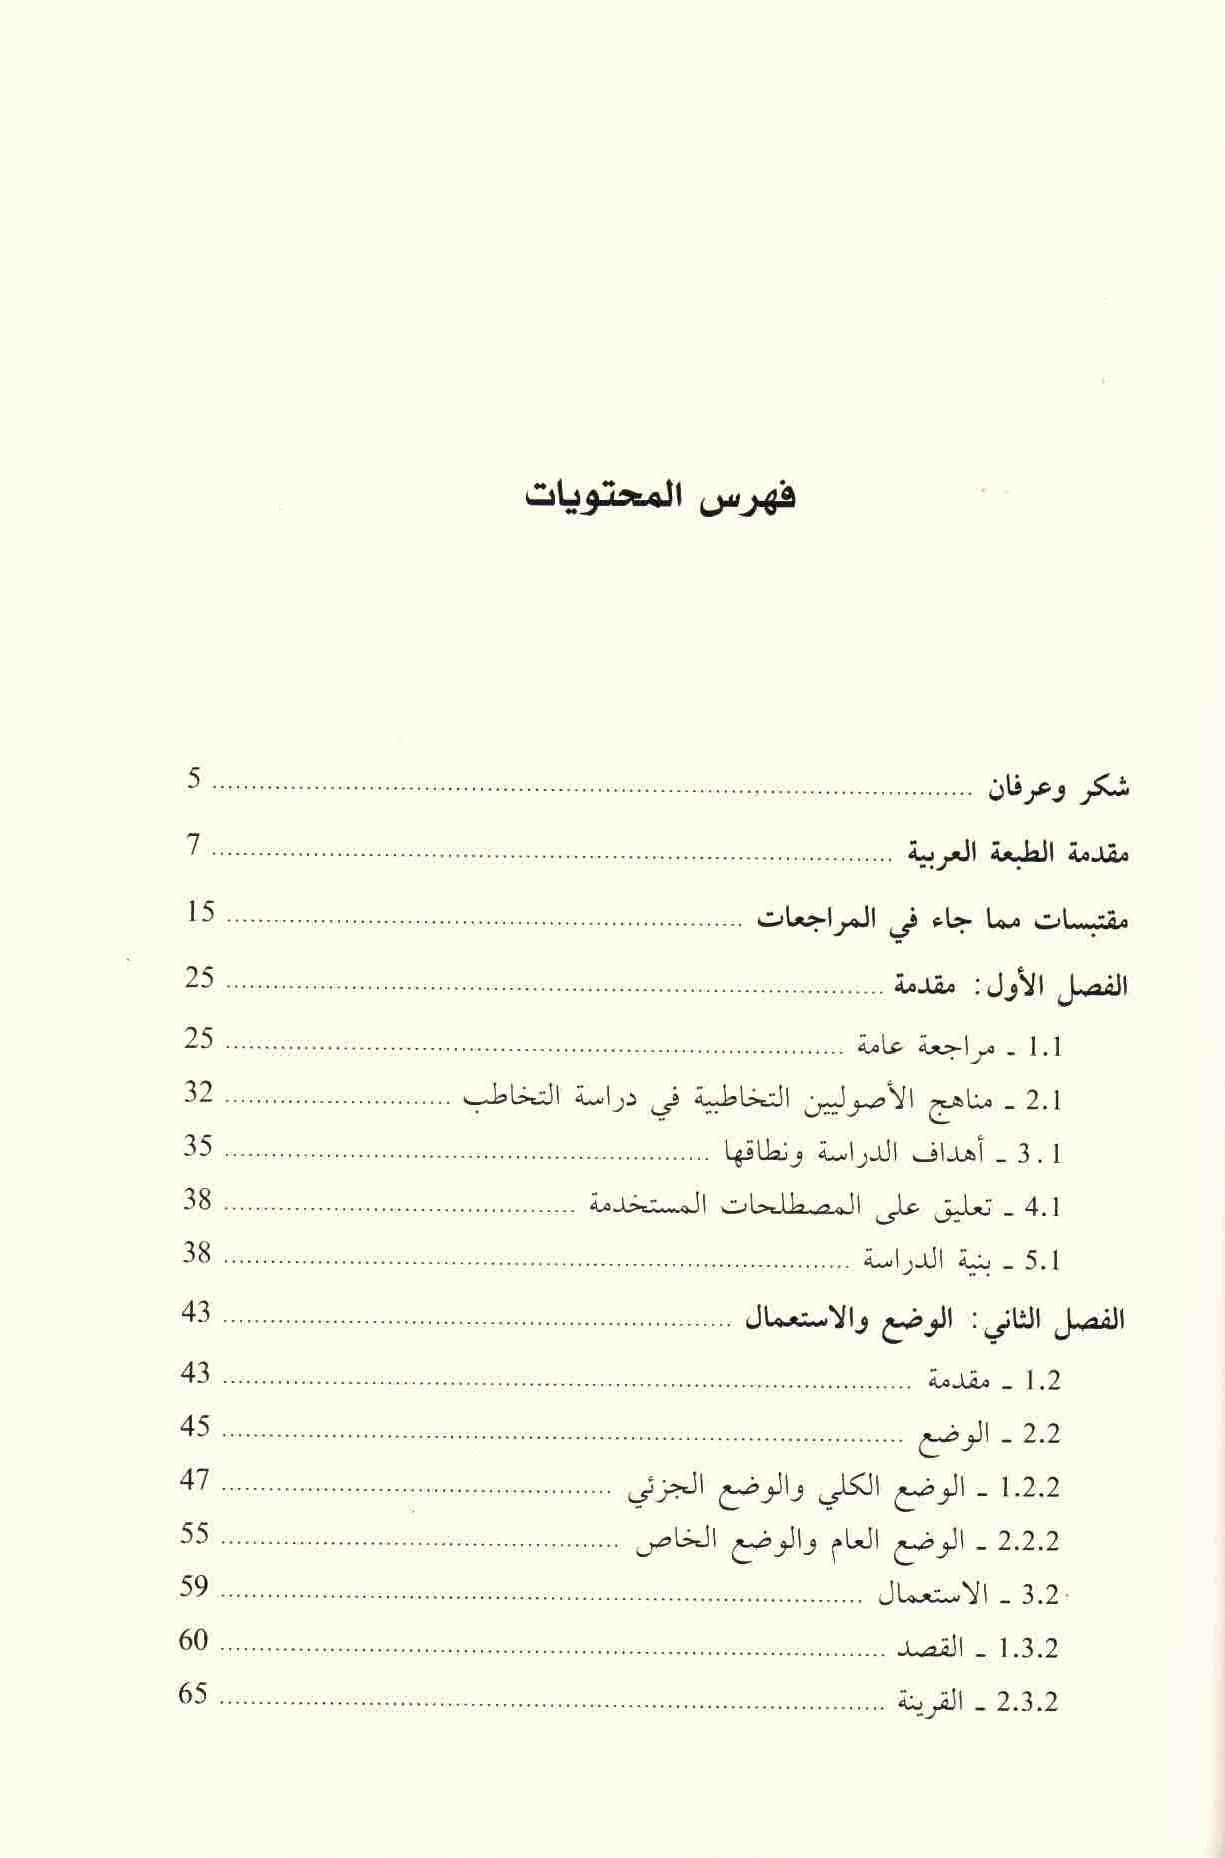 ص21 محتويات كتاب علم التخاطب الإسلامي